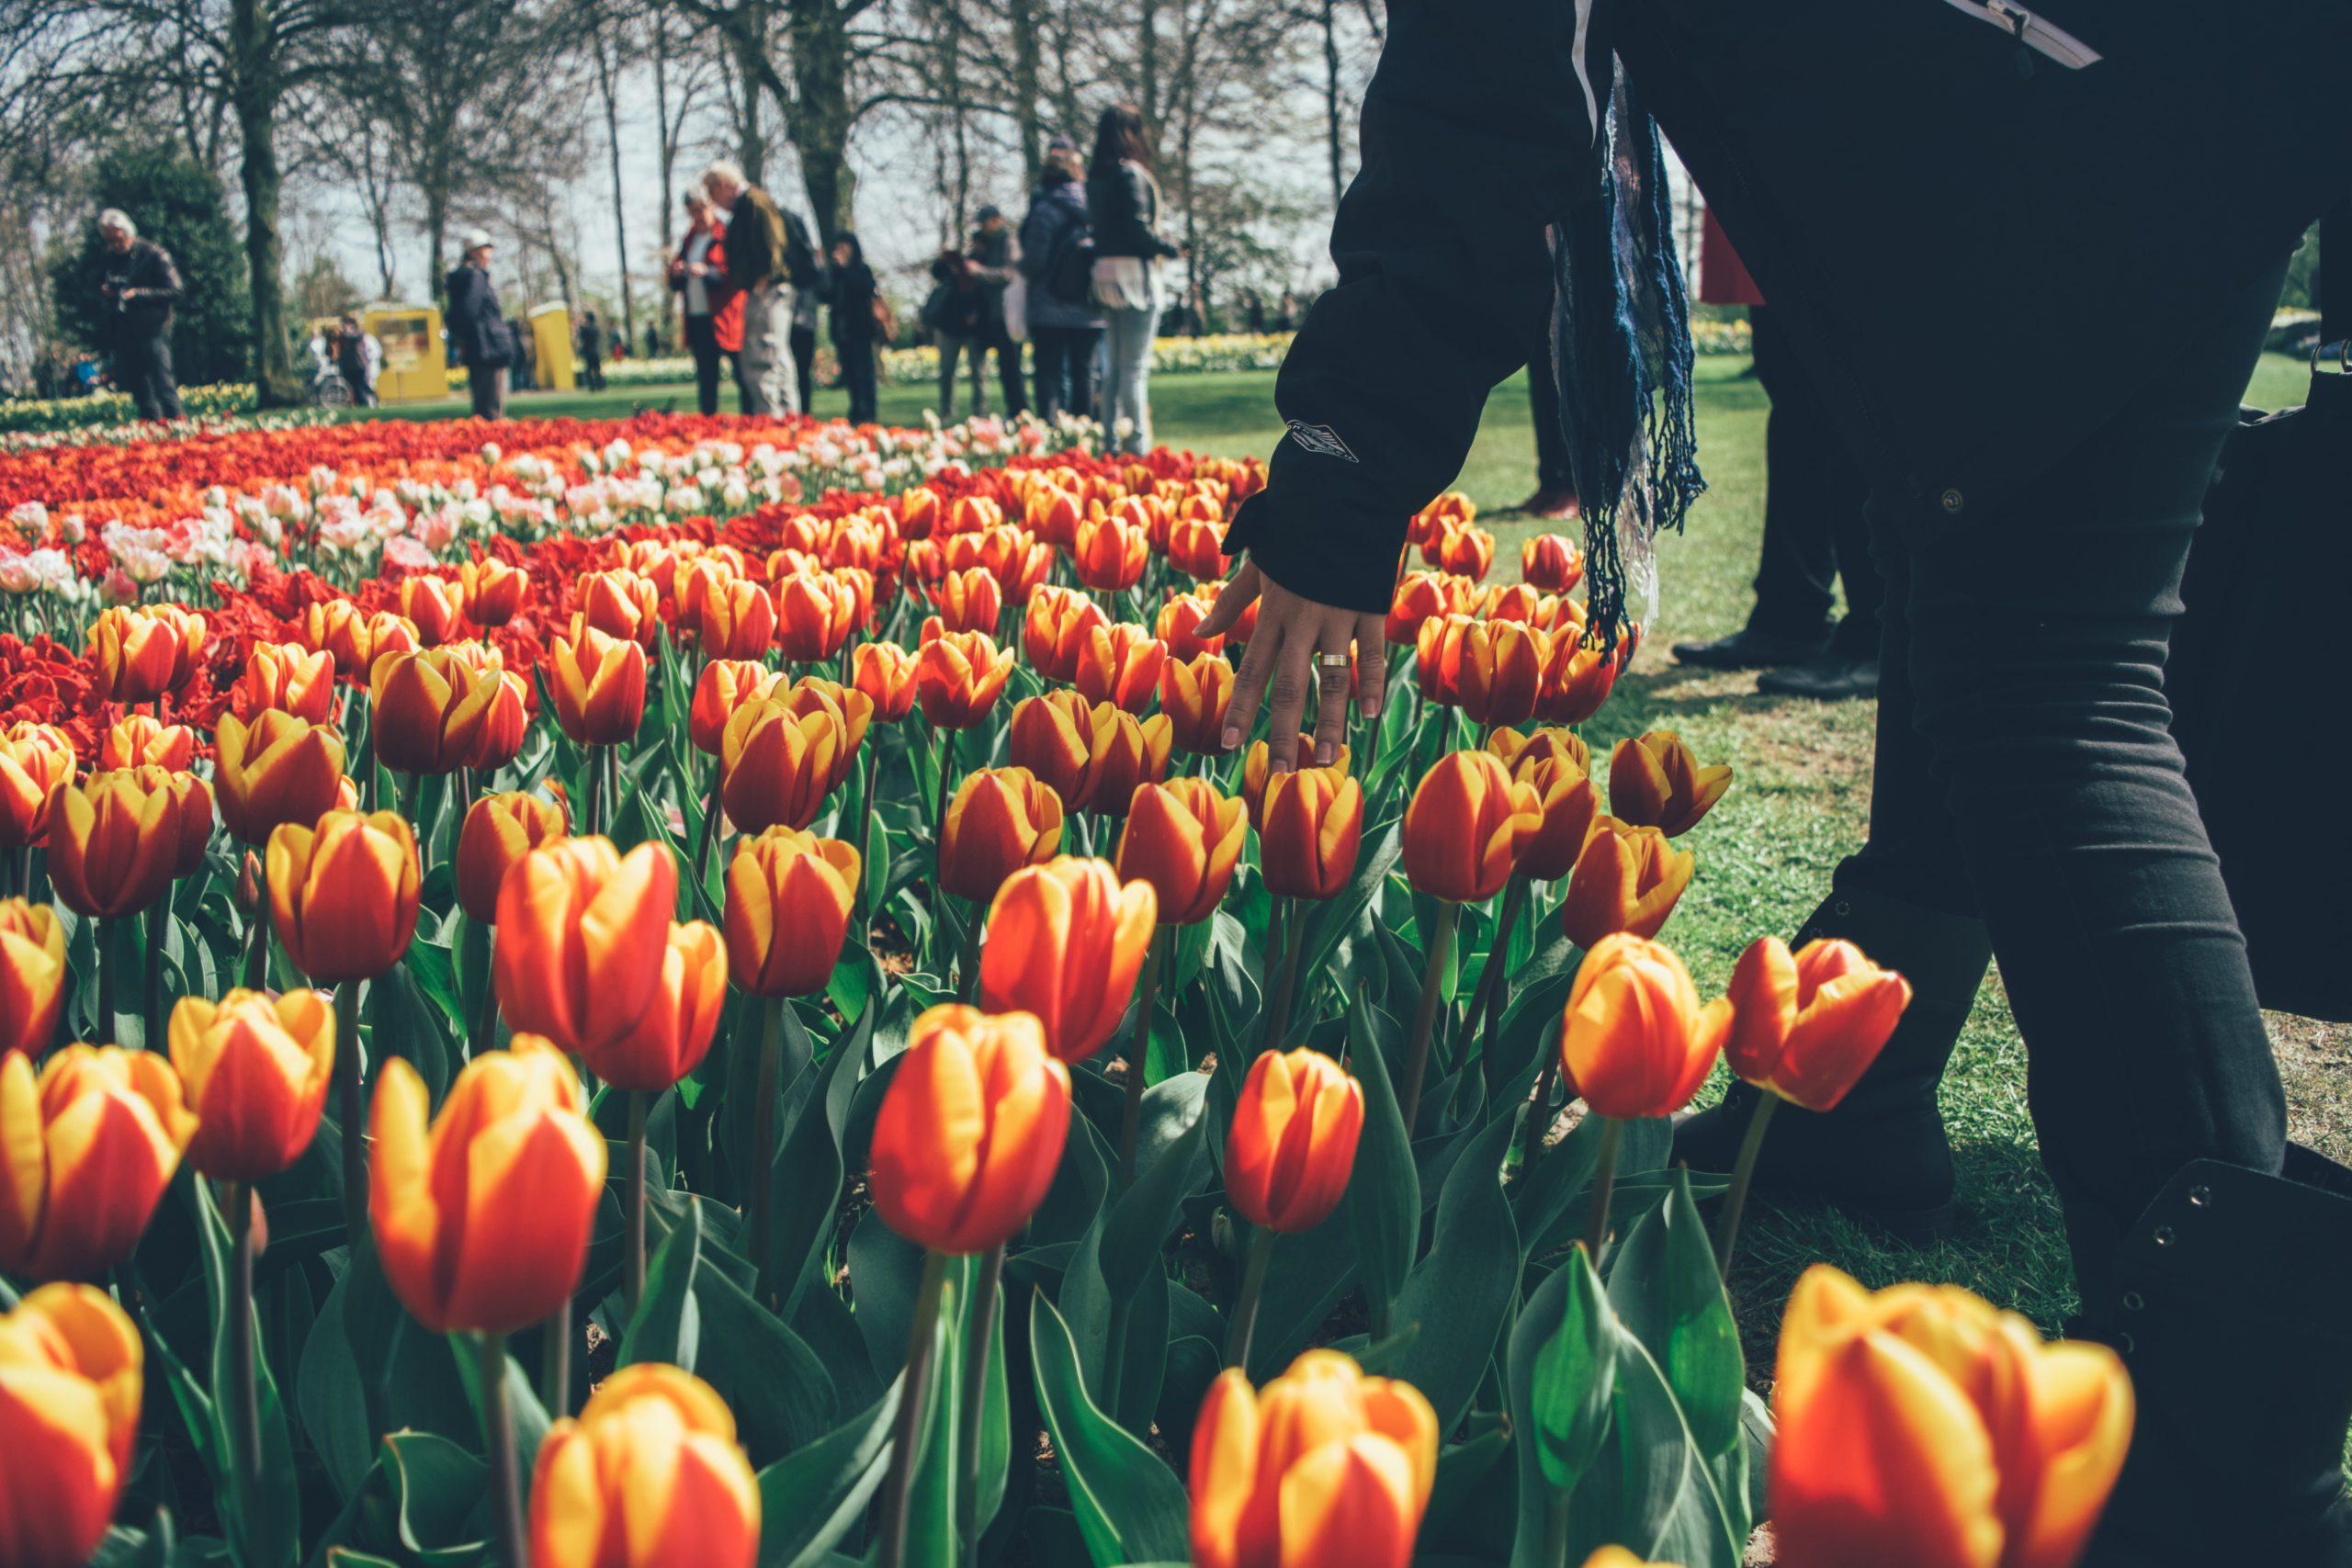 tulips in Keukenhof Garden in the netherlands